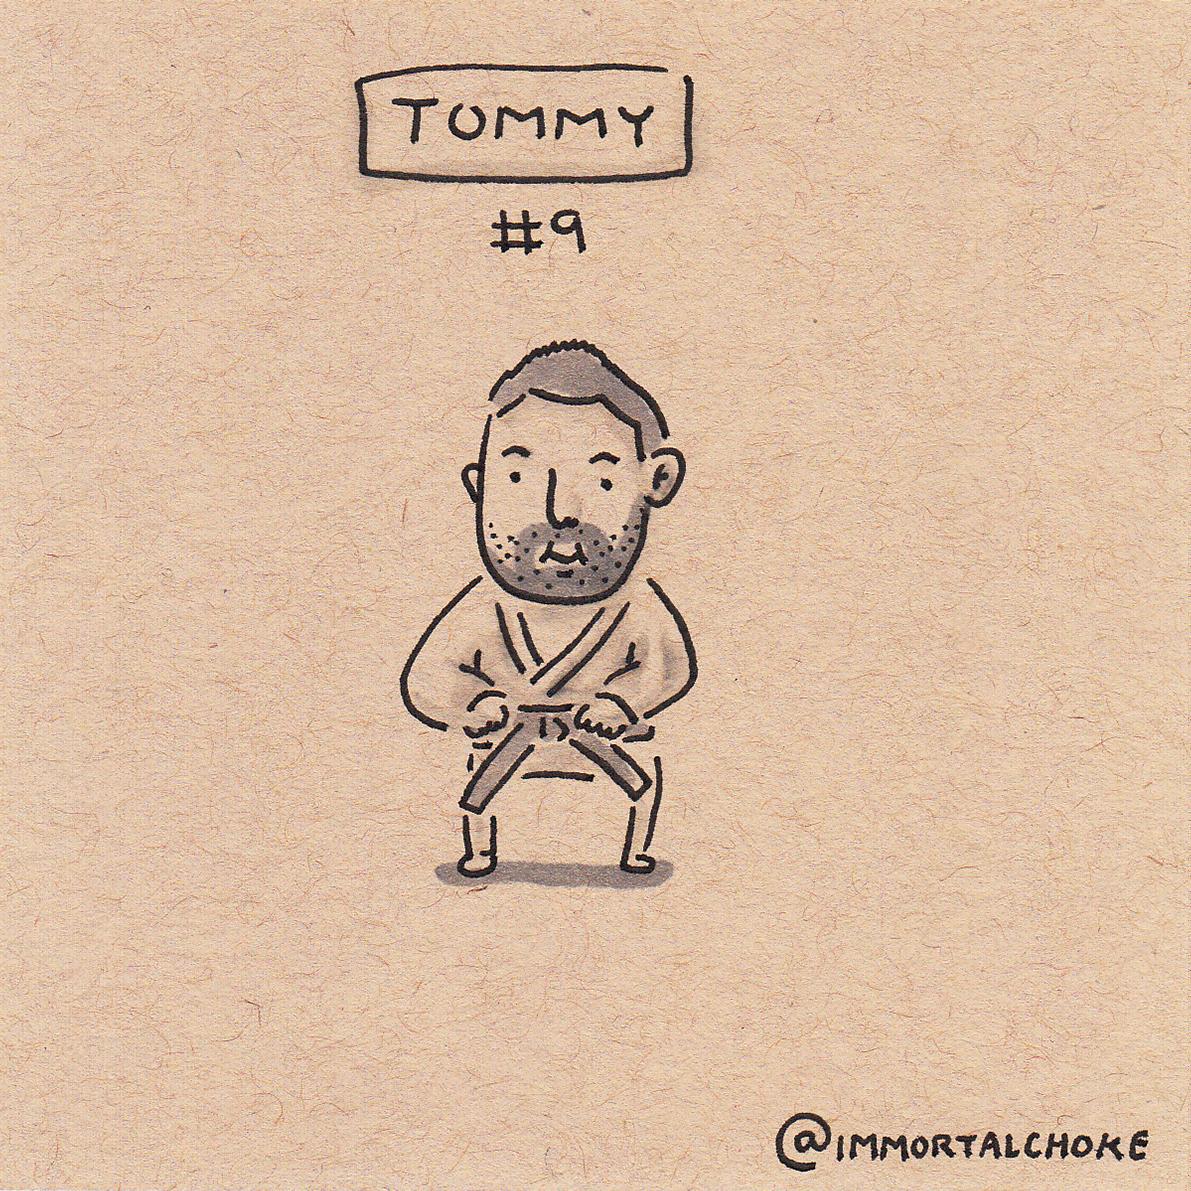 9---tommy.jpg